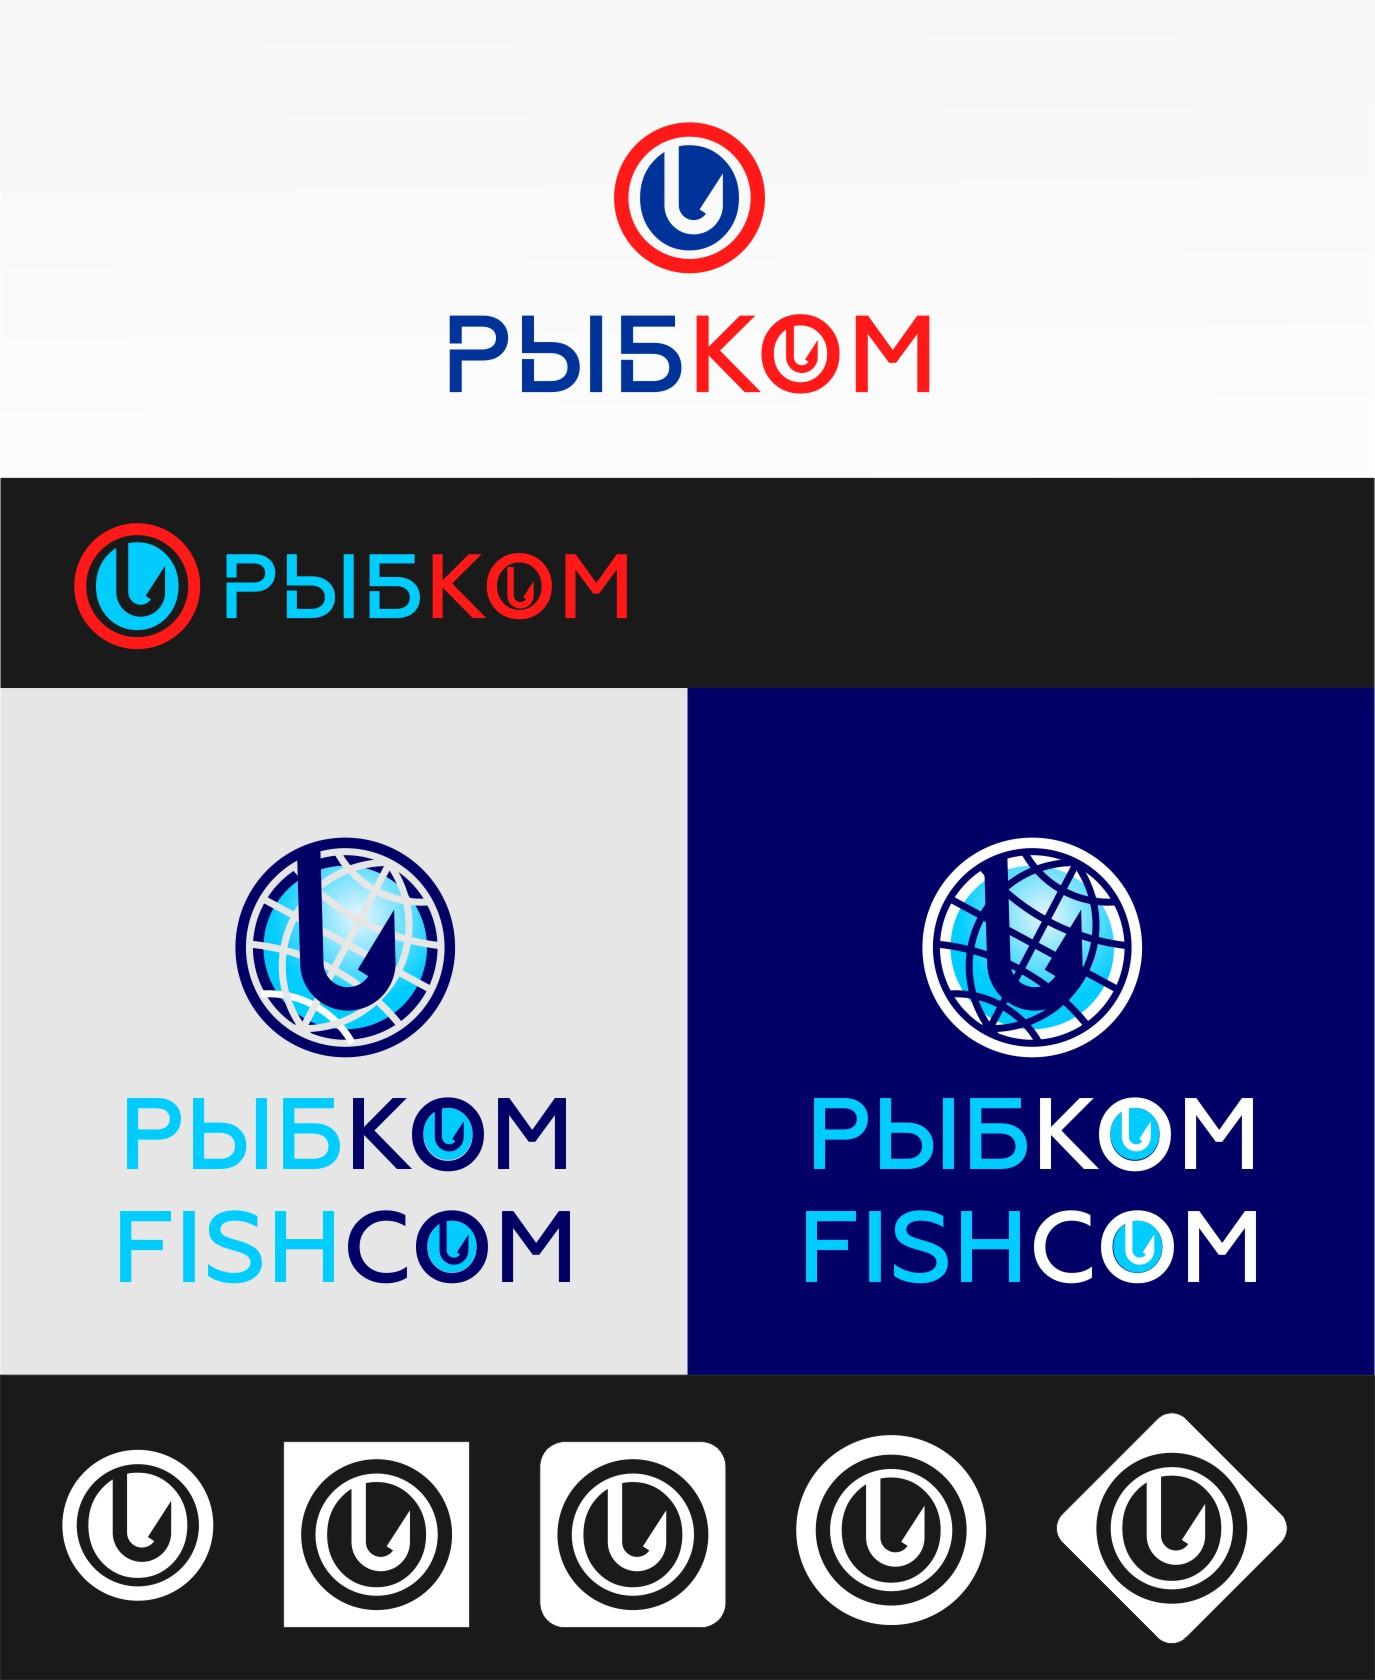 Создание логотипа и брэндбука для компании РЫБКОМ фото f_9945c0cc88f46982.jpg